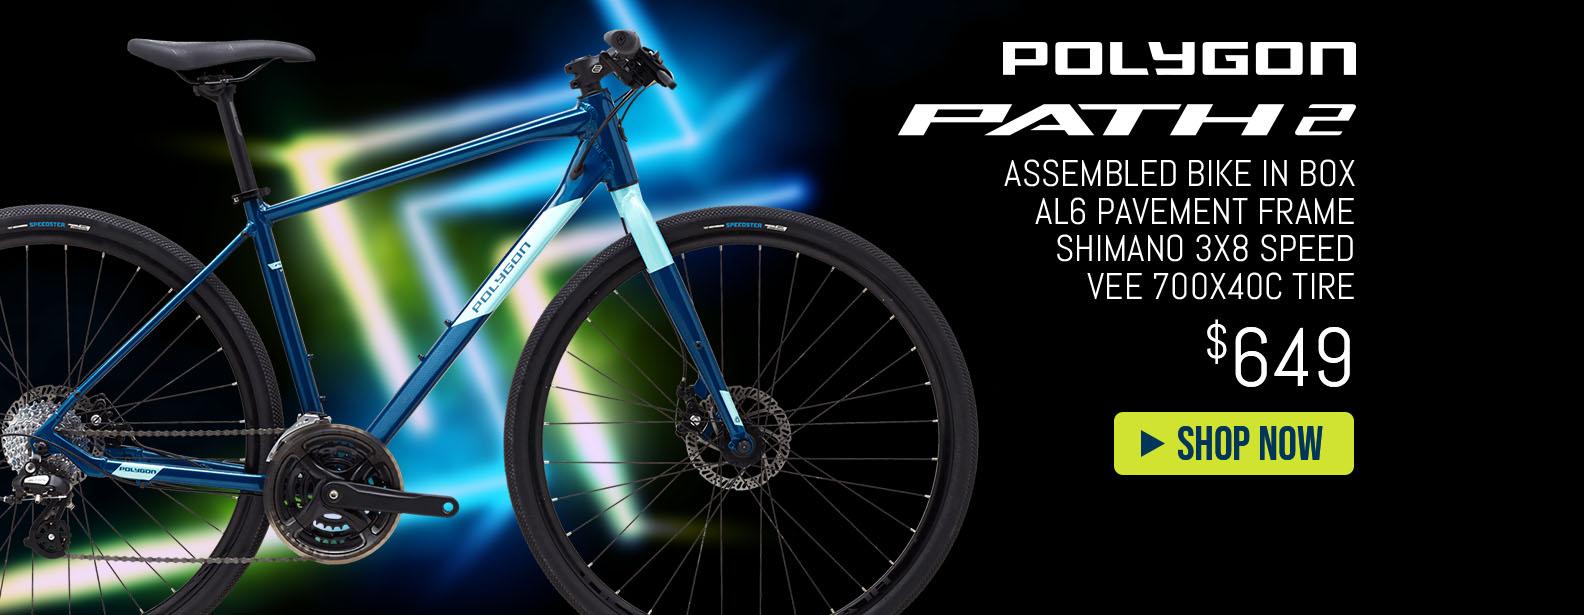 Polygon Path 2 City Bike Assembled